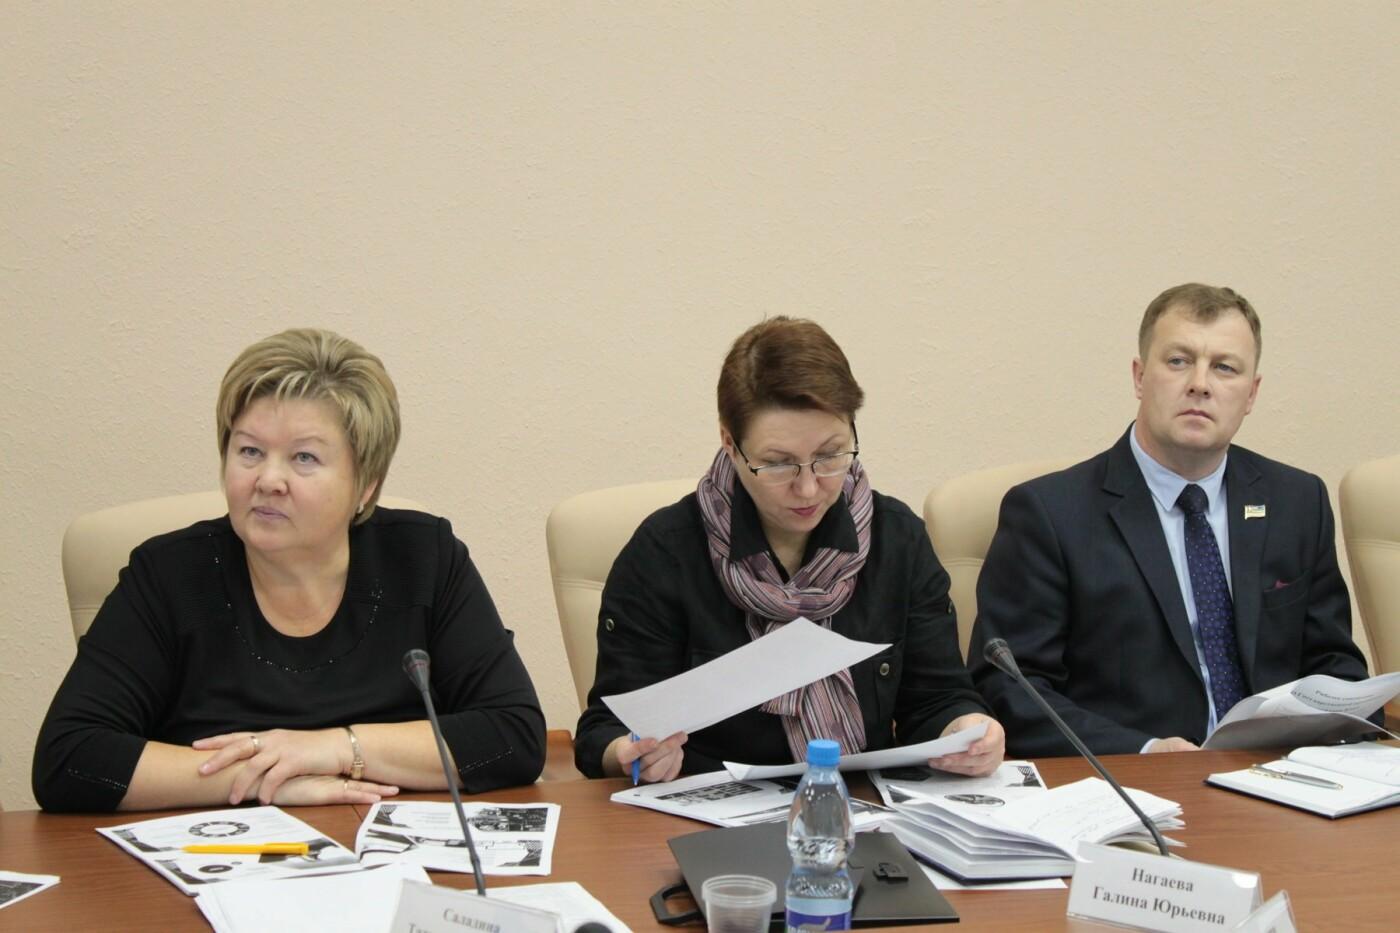 Рабочее совещание Государственном Совете Республики Коми, посвященное планам реализации программы «Информационное общество». 7 ноября 2018 года